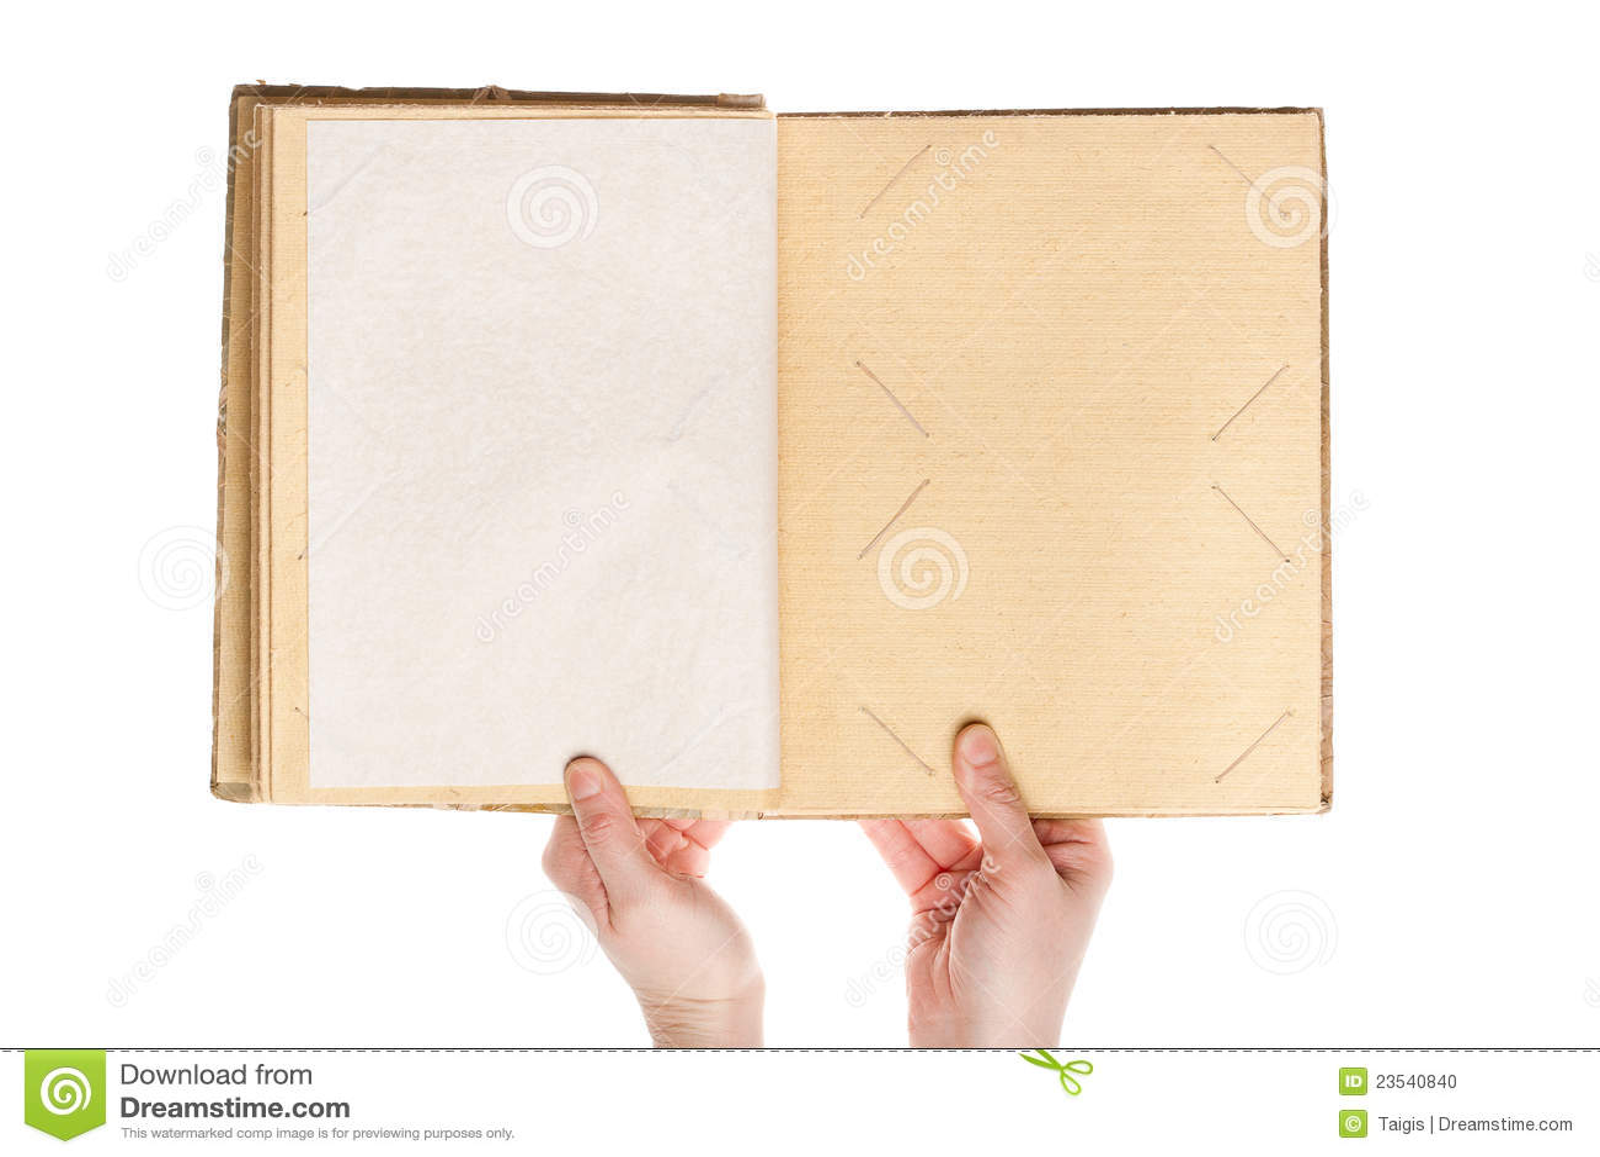 册页被开张的照片葡萄酒